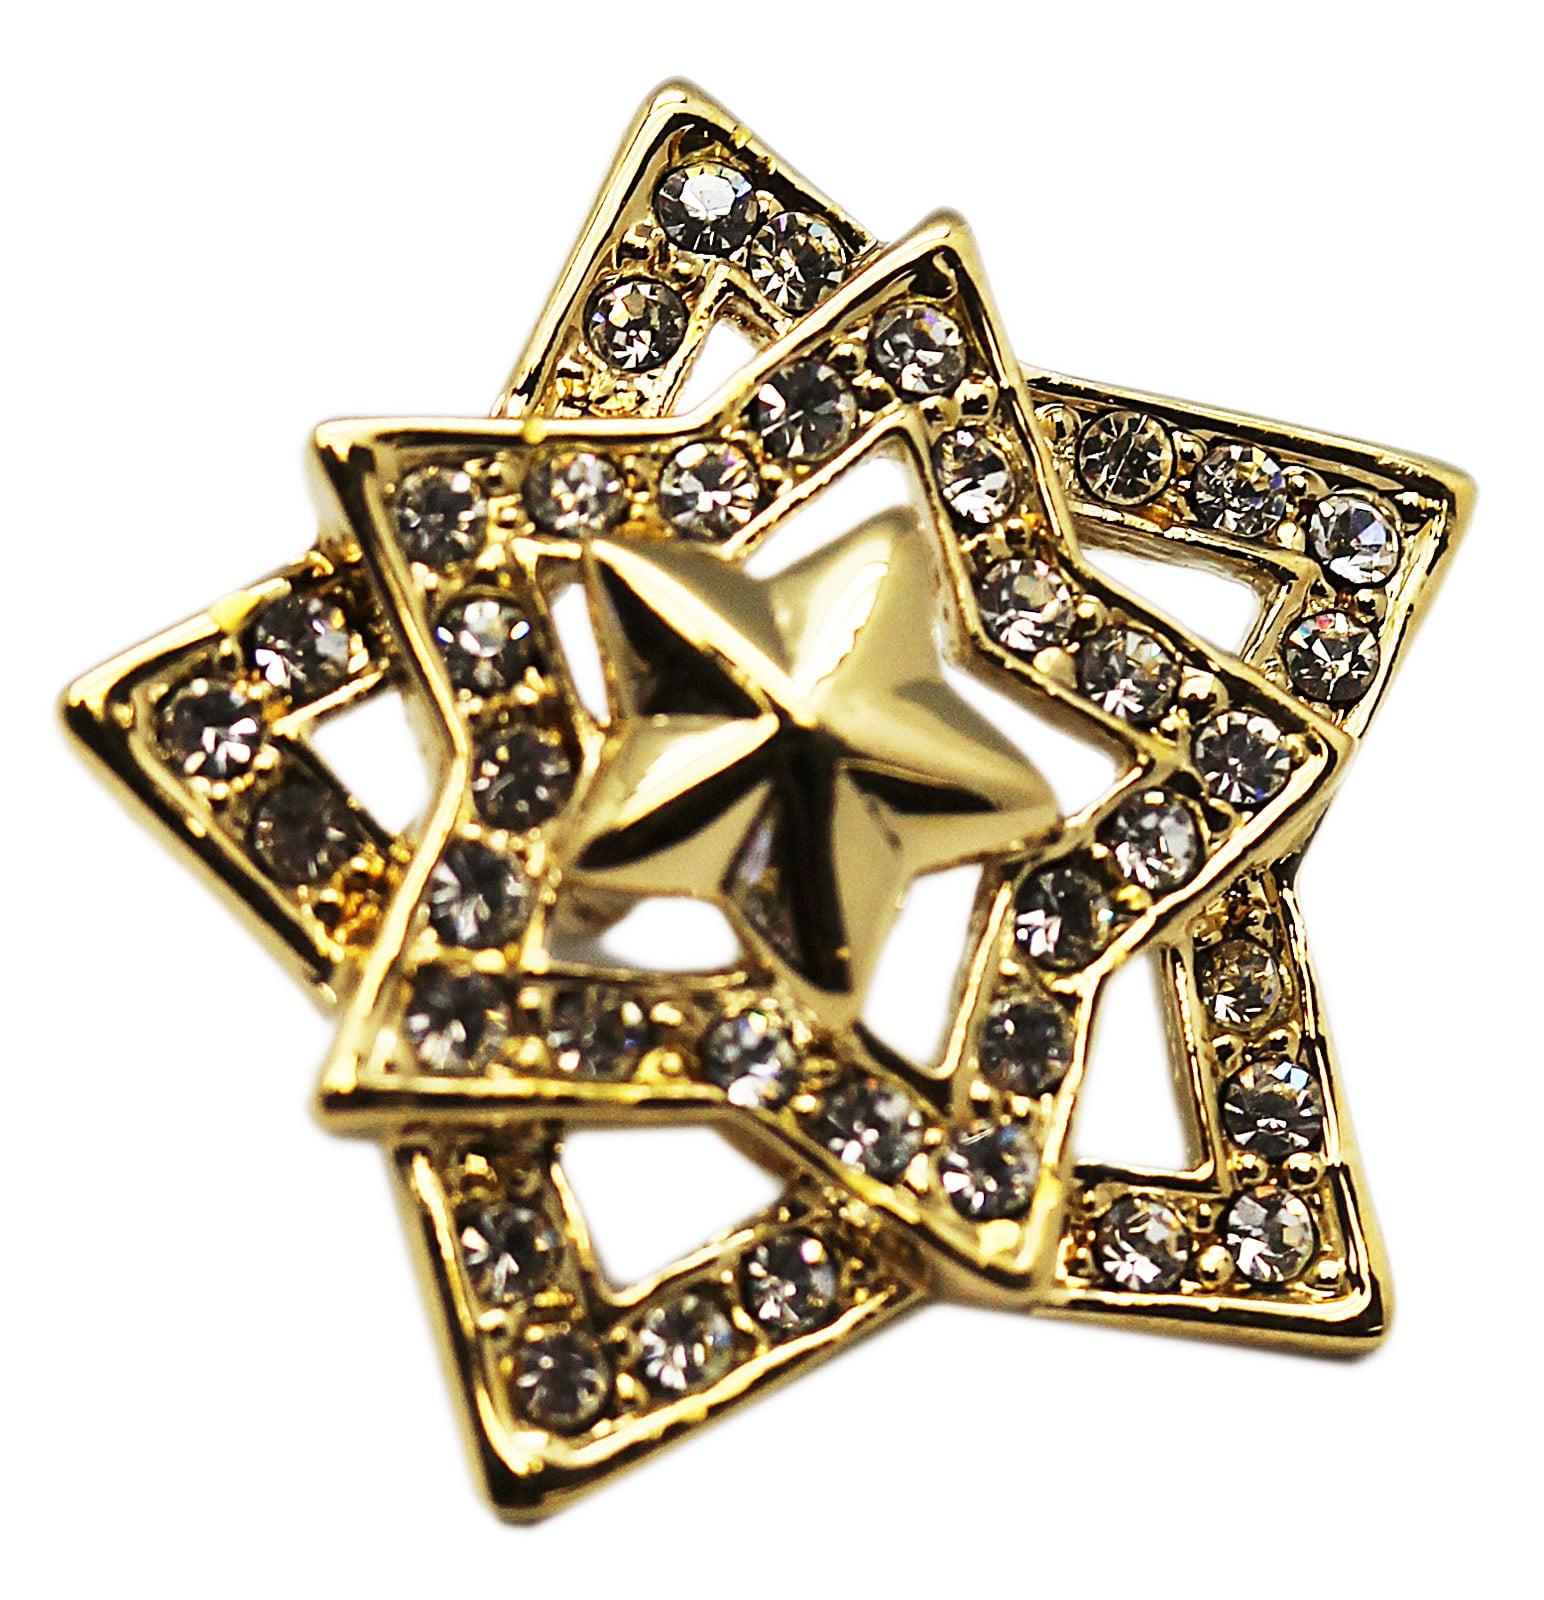 Small Golden Star Lapel Pin With Brilliant Rhinestone Diamonds